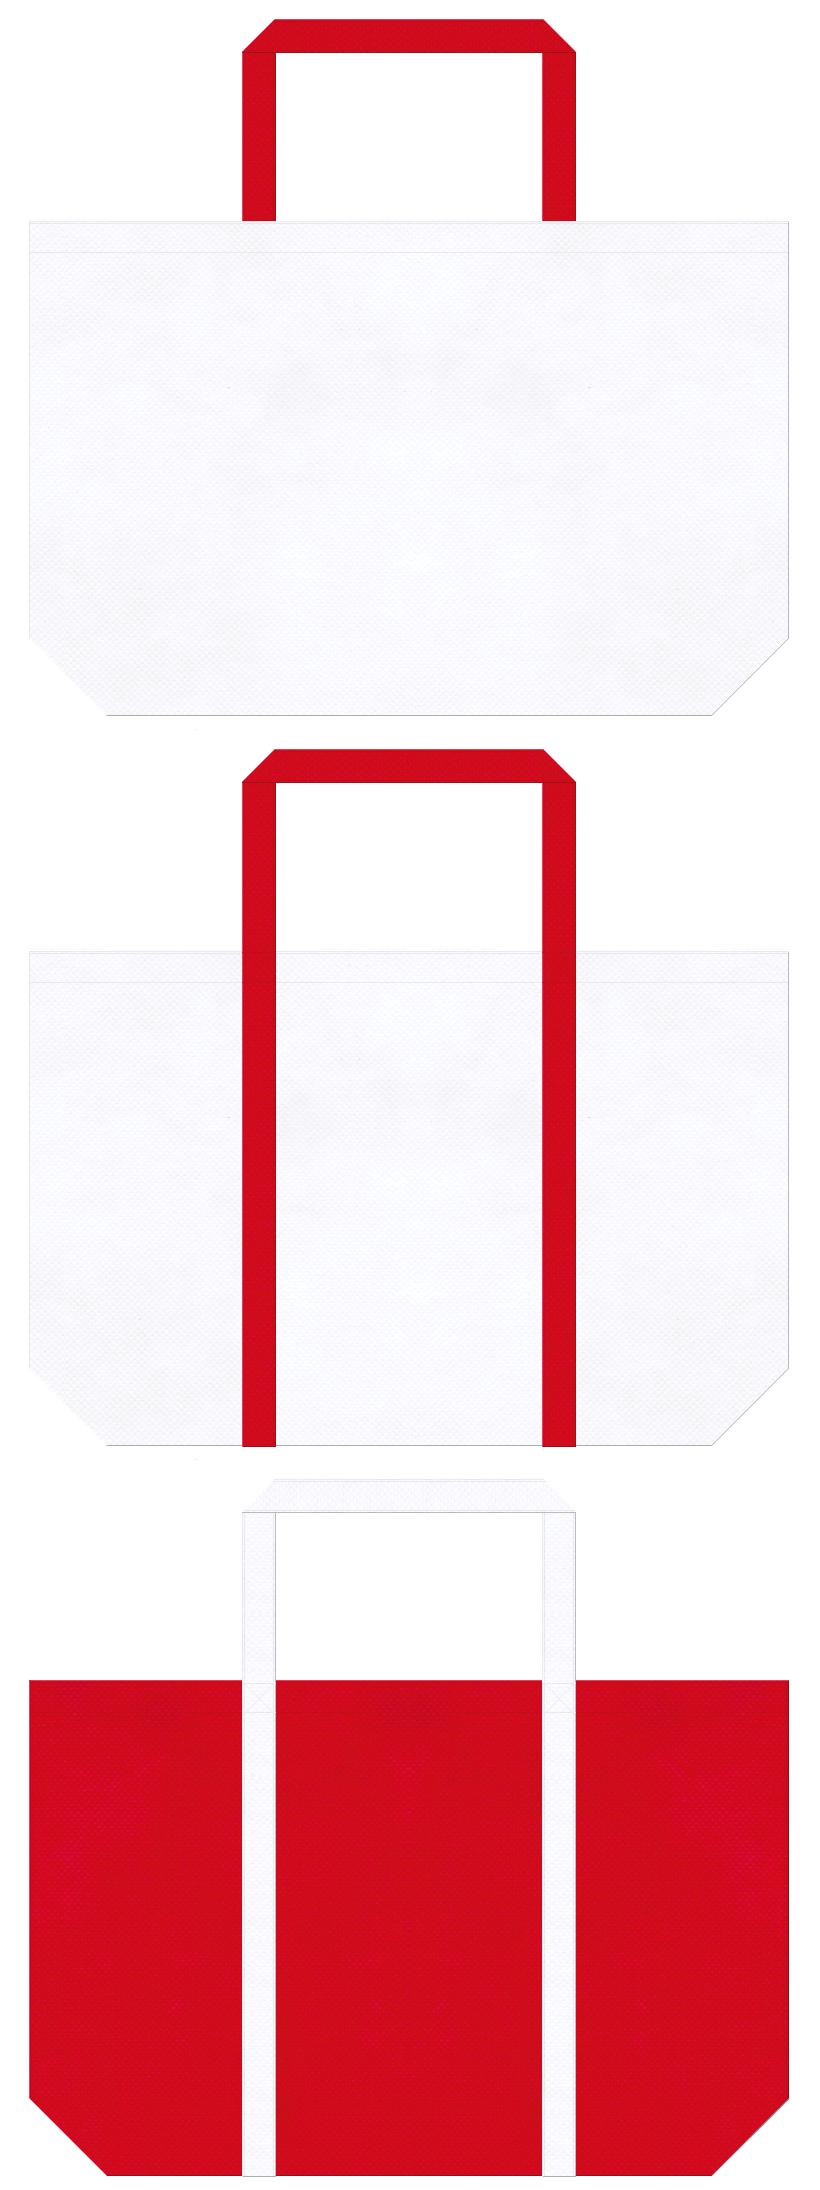 医学部・看護学部・学校・学園・オープンキャンパス・救急用品・レスキュー隊・消防団・献血・医療施設・病院・医療セミナー・婚礼・お誕生日・ショートケーキ・サンタクロース・クリスマス・スポーツイベント・ゲームの展示会用バッグにお奨めの不織布バッグデザイン:白色と紅色のコーデ